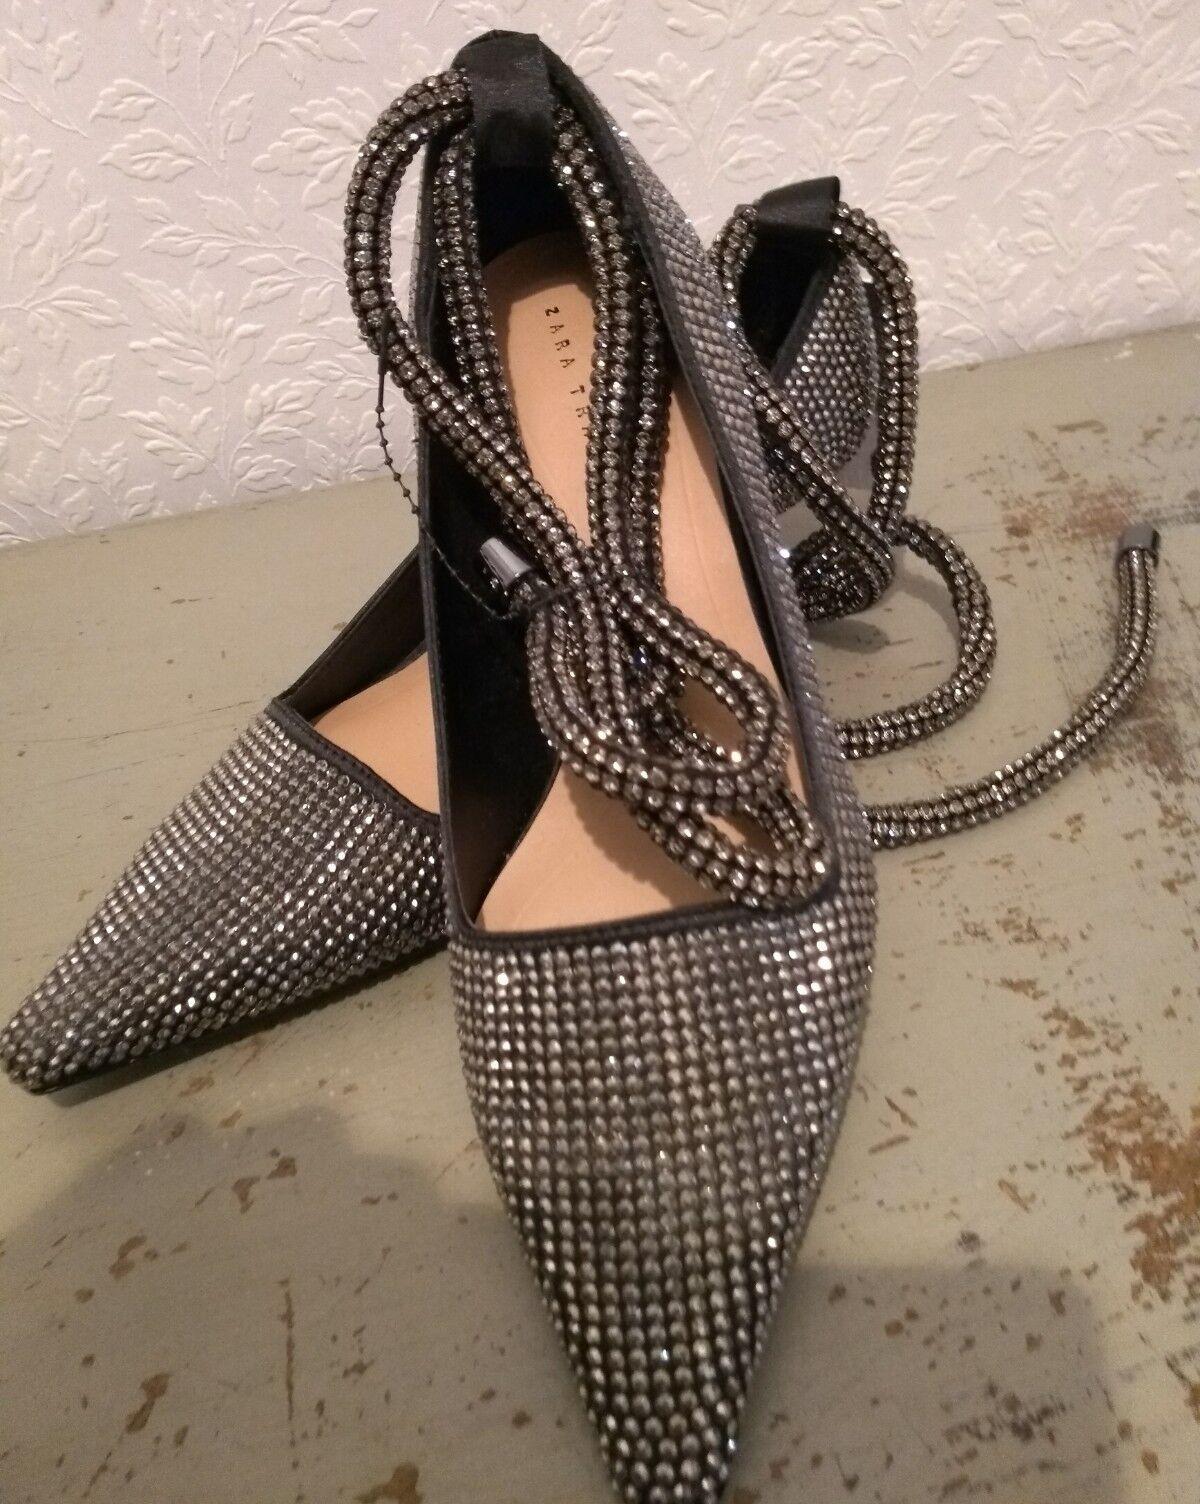 Zapatos de piedra agotado Zara Negro Corbata correas en el el el tobillo se cura de la pierna Tamaño  3 Bnwt Libre P&P  contador genuino